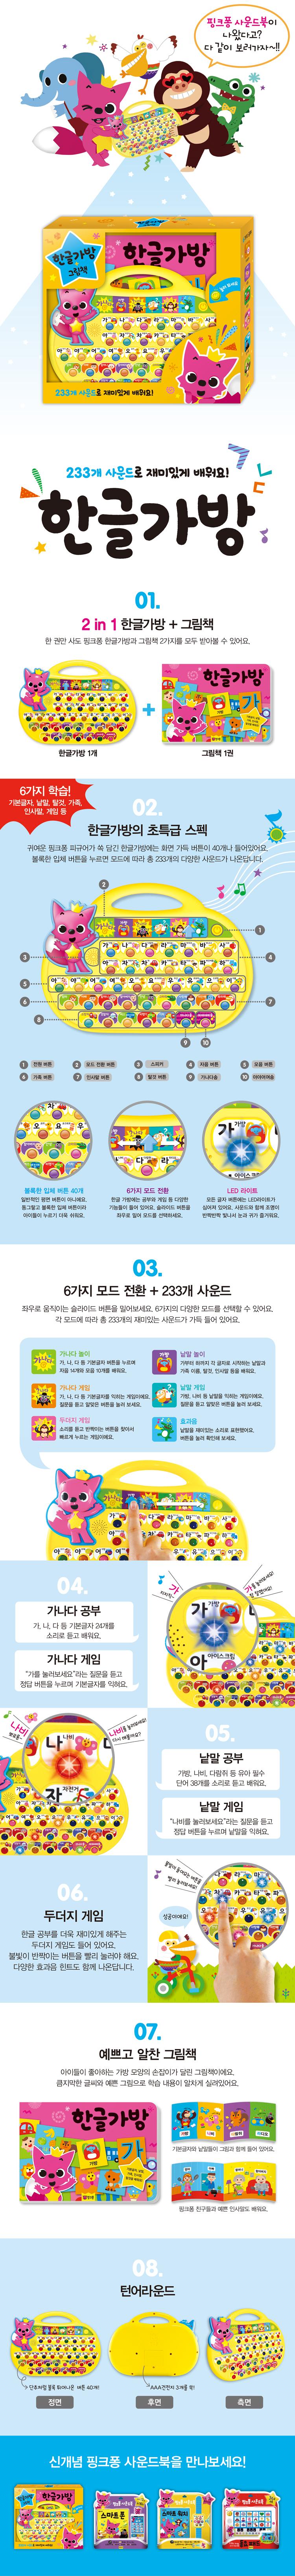 삼성출판사 핑크퐁 사운드북.한글가방